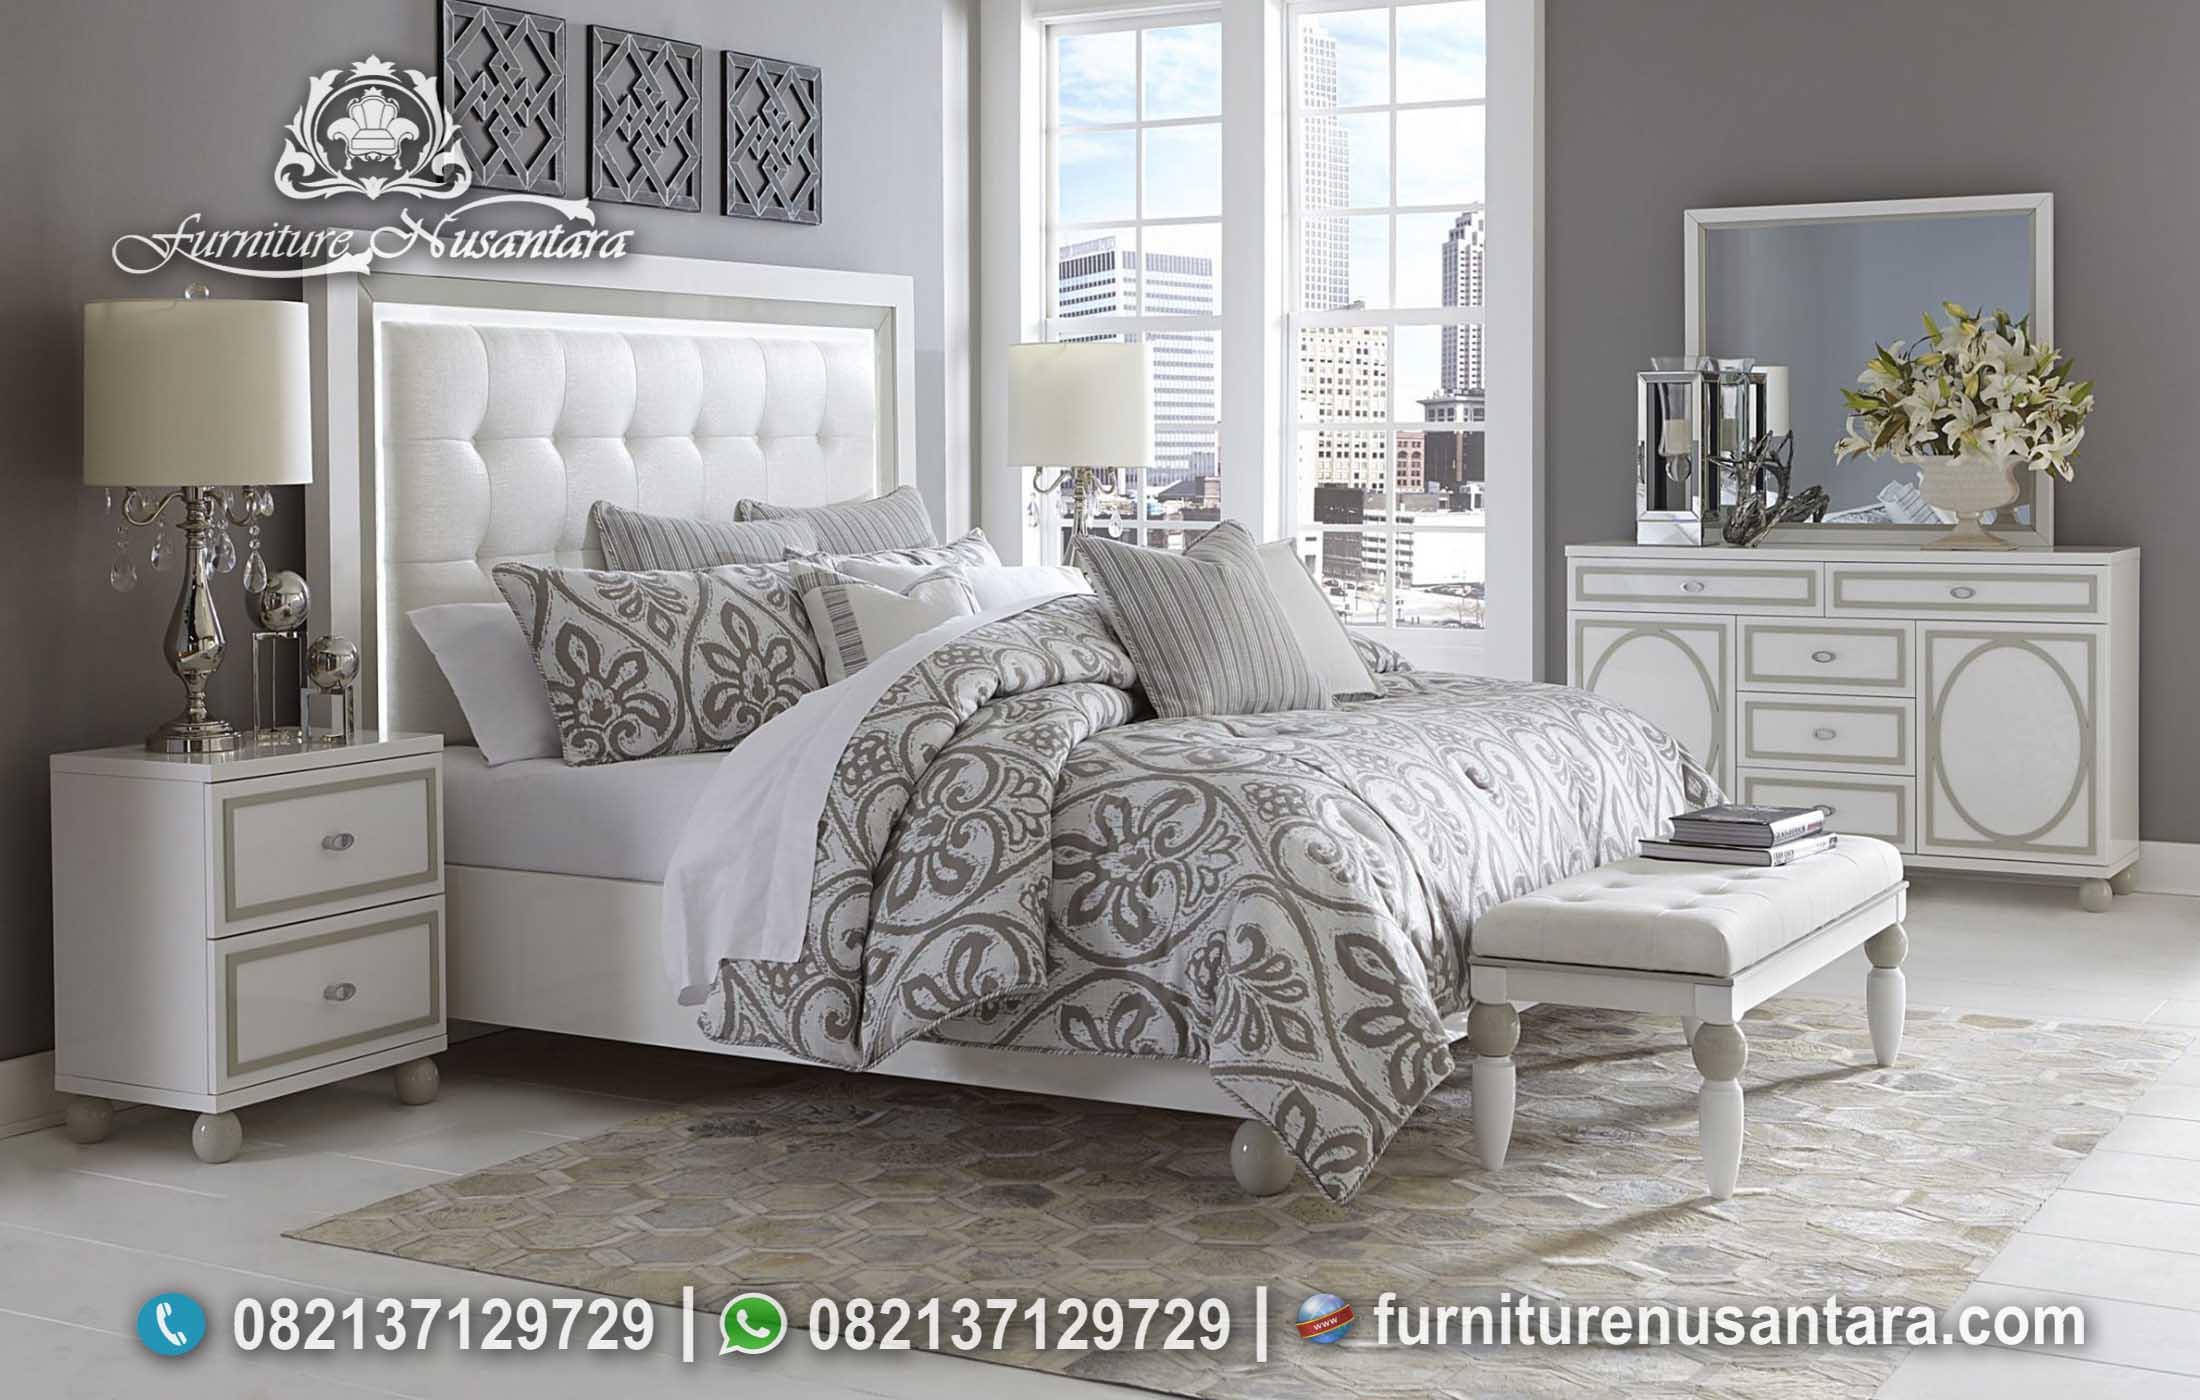 Desain Kamar Minimalis Terpopular Terbaru KS-218, Furniture Nusantara